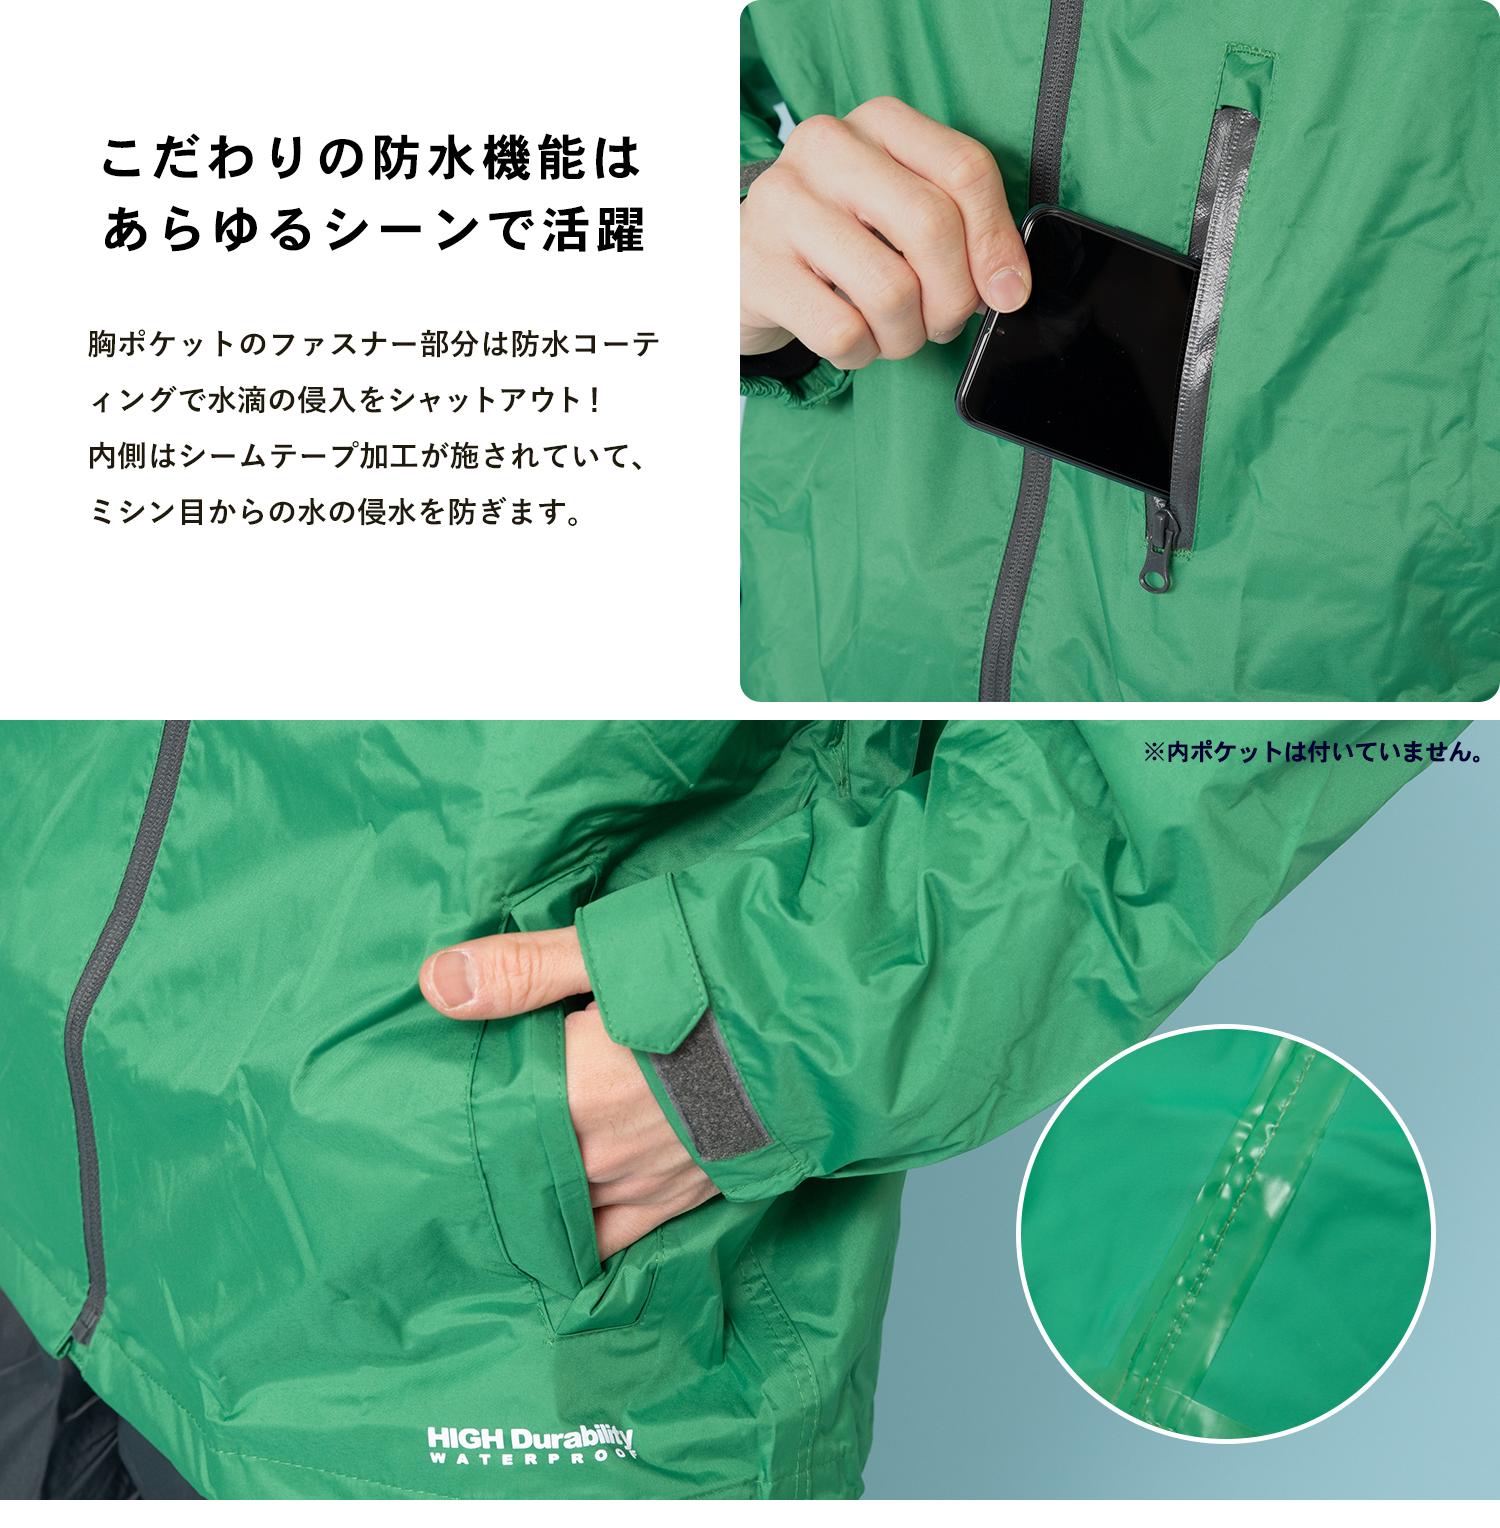 【 めちゃ早便 】コーナン オリジナル アクティブレインスーツ プラネットグリーン LL KN−008